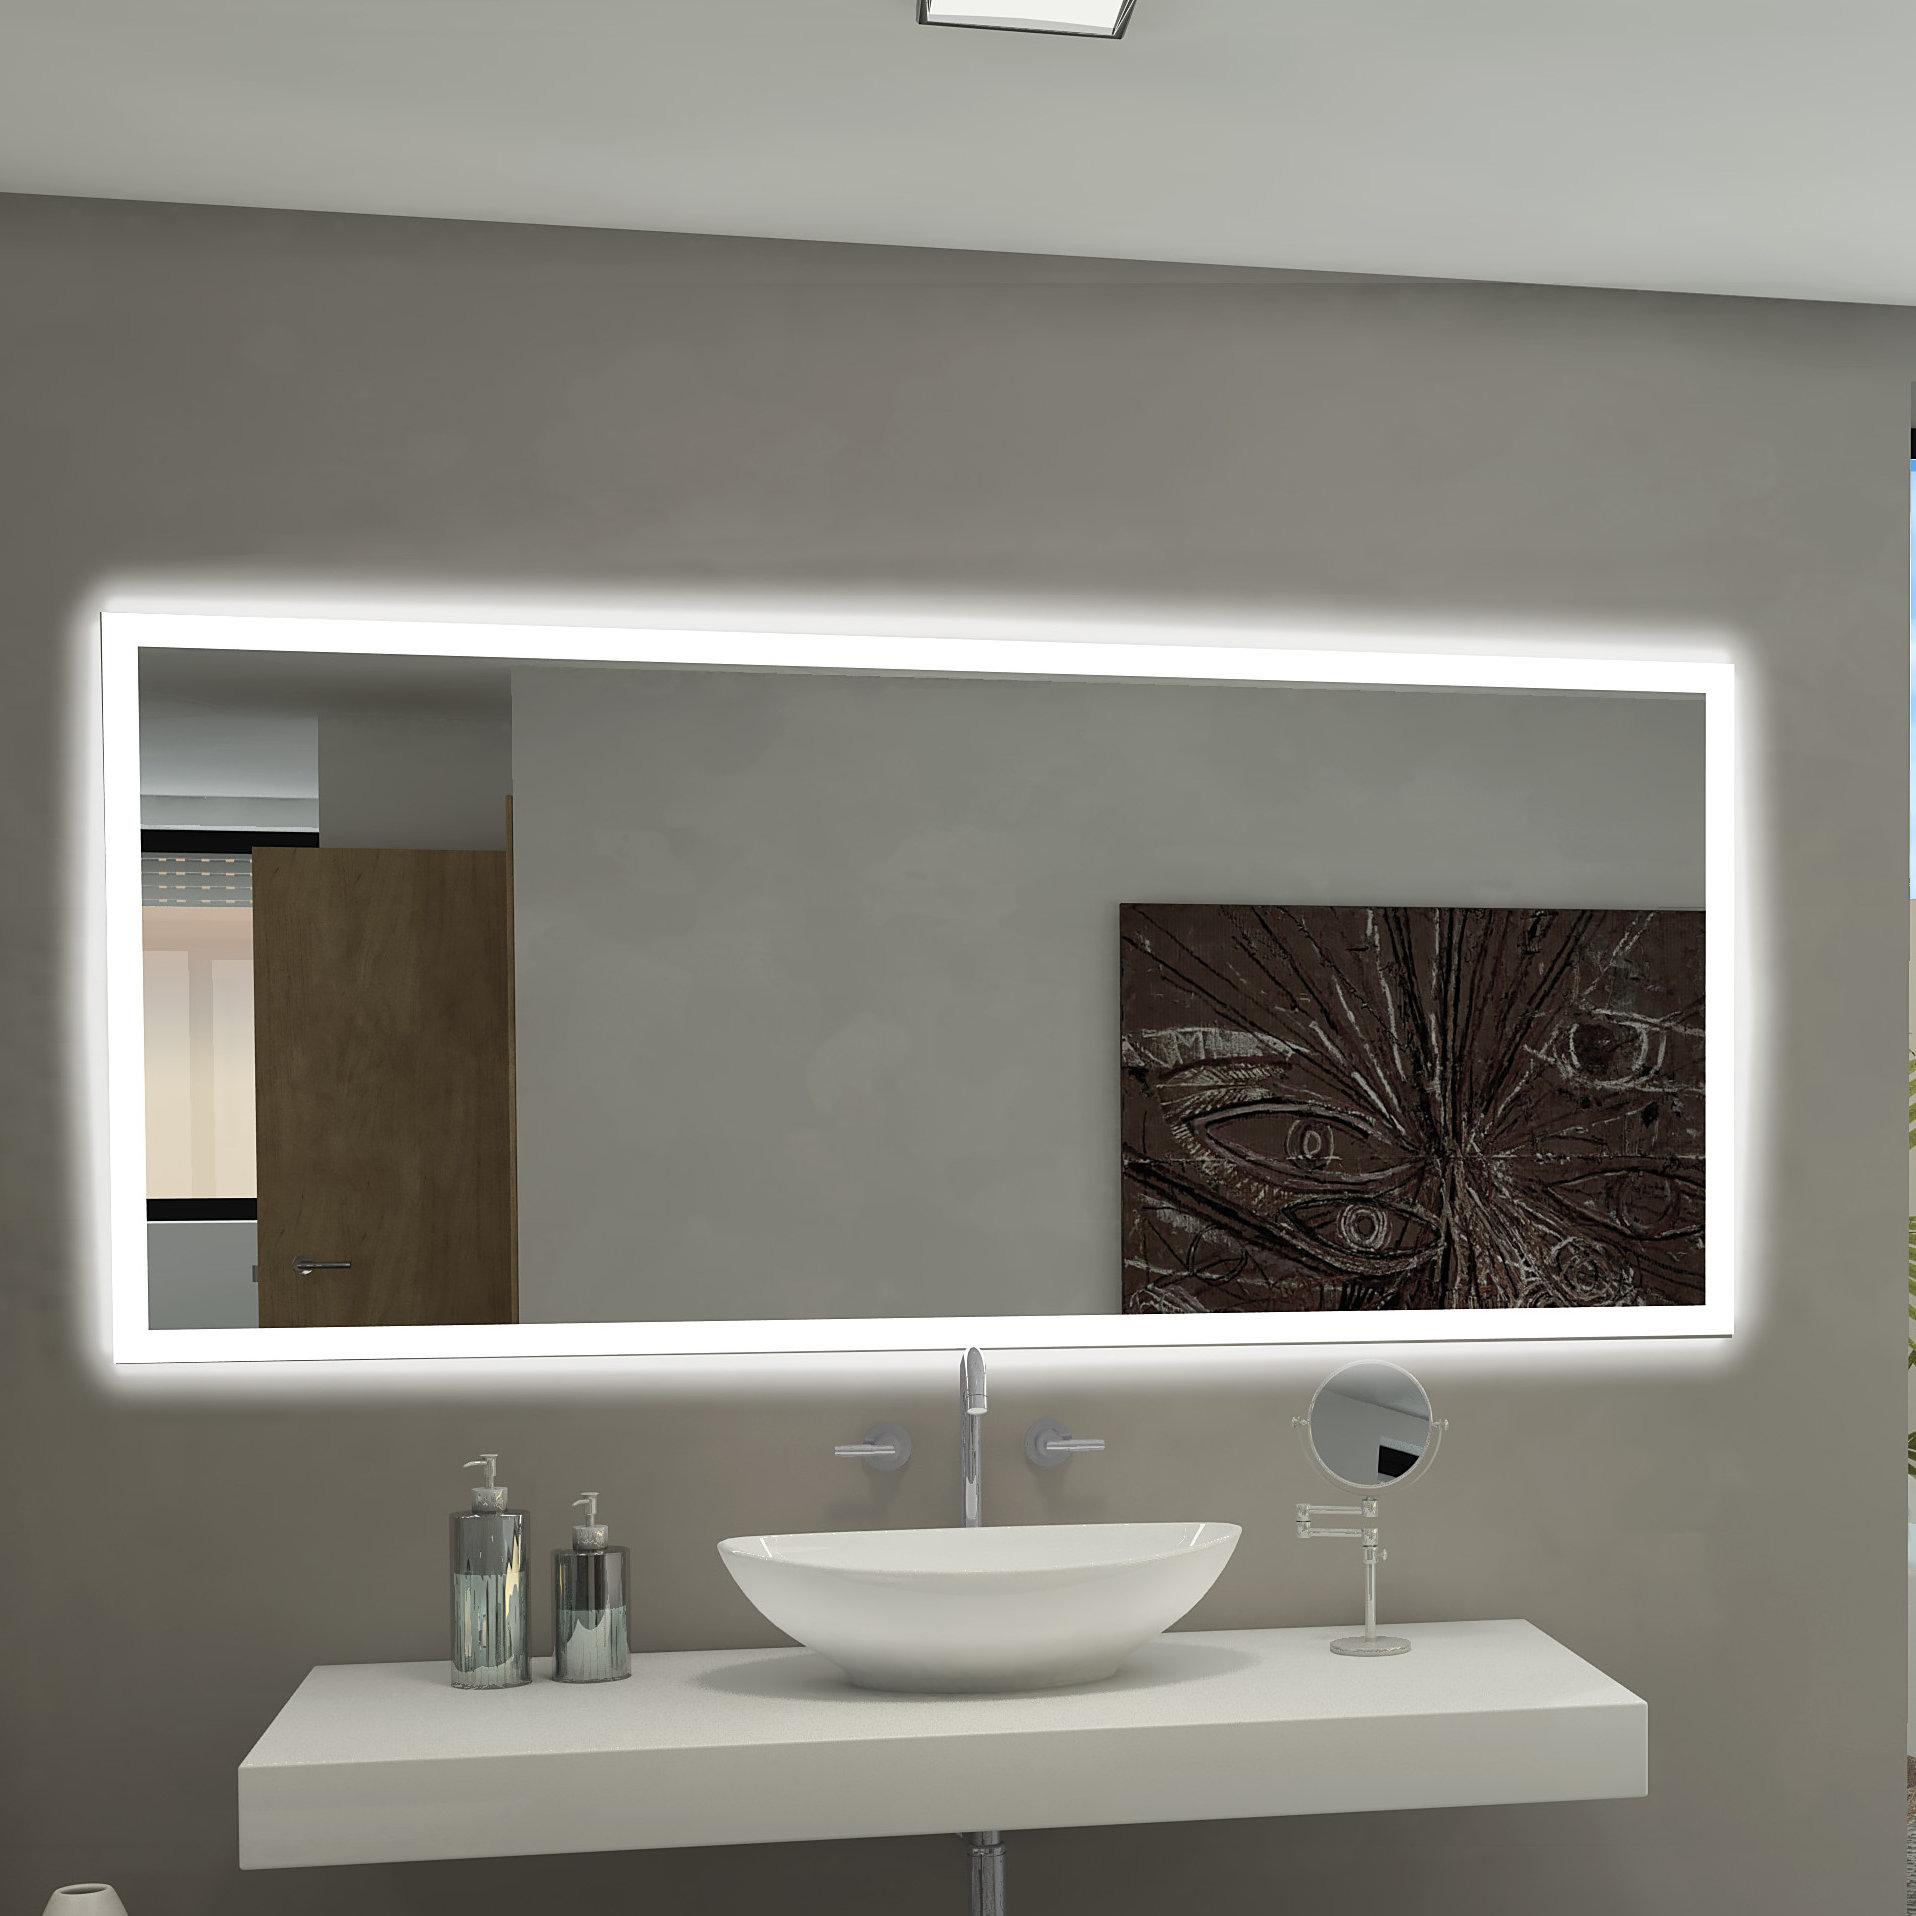 Incroyable Paris Mirror Rectangle Backlit Bathroom / Vanity Wall Mirror U0026 Reviews |  Wayfair